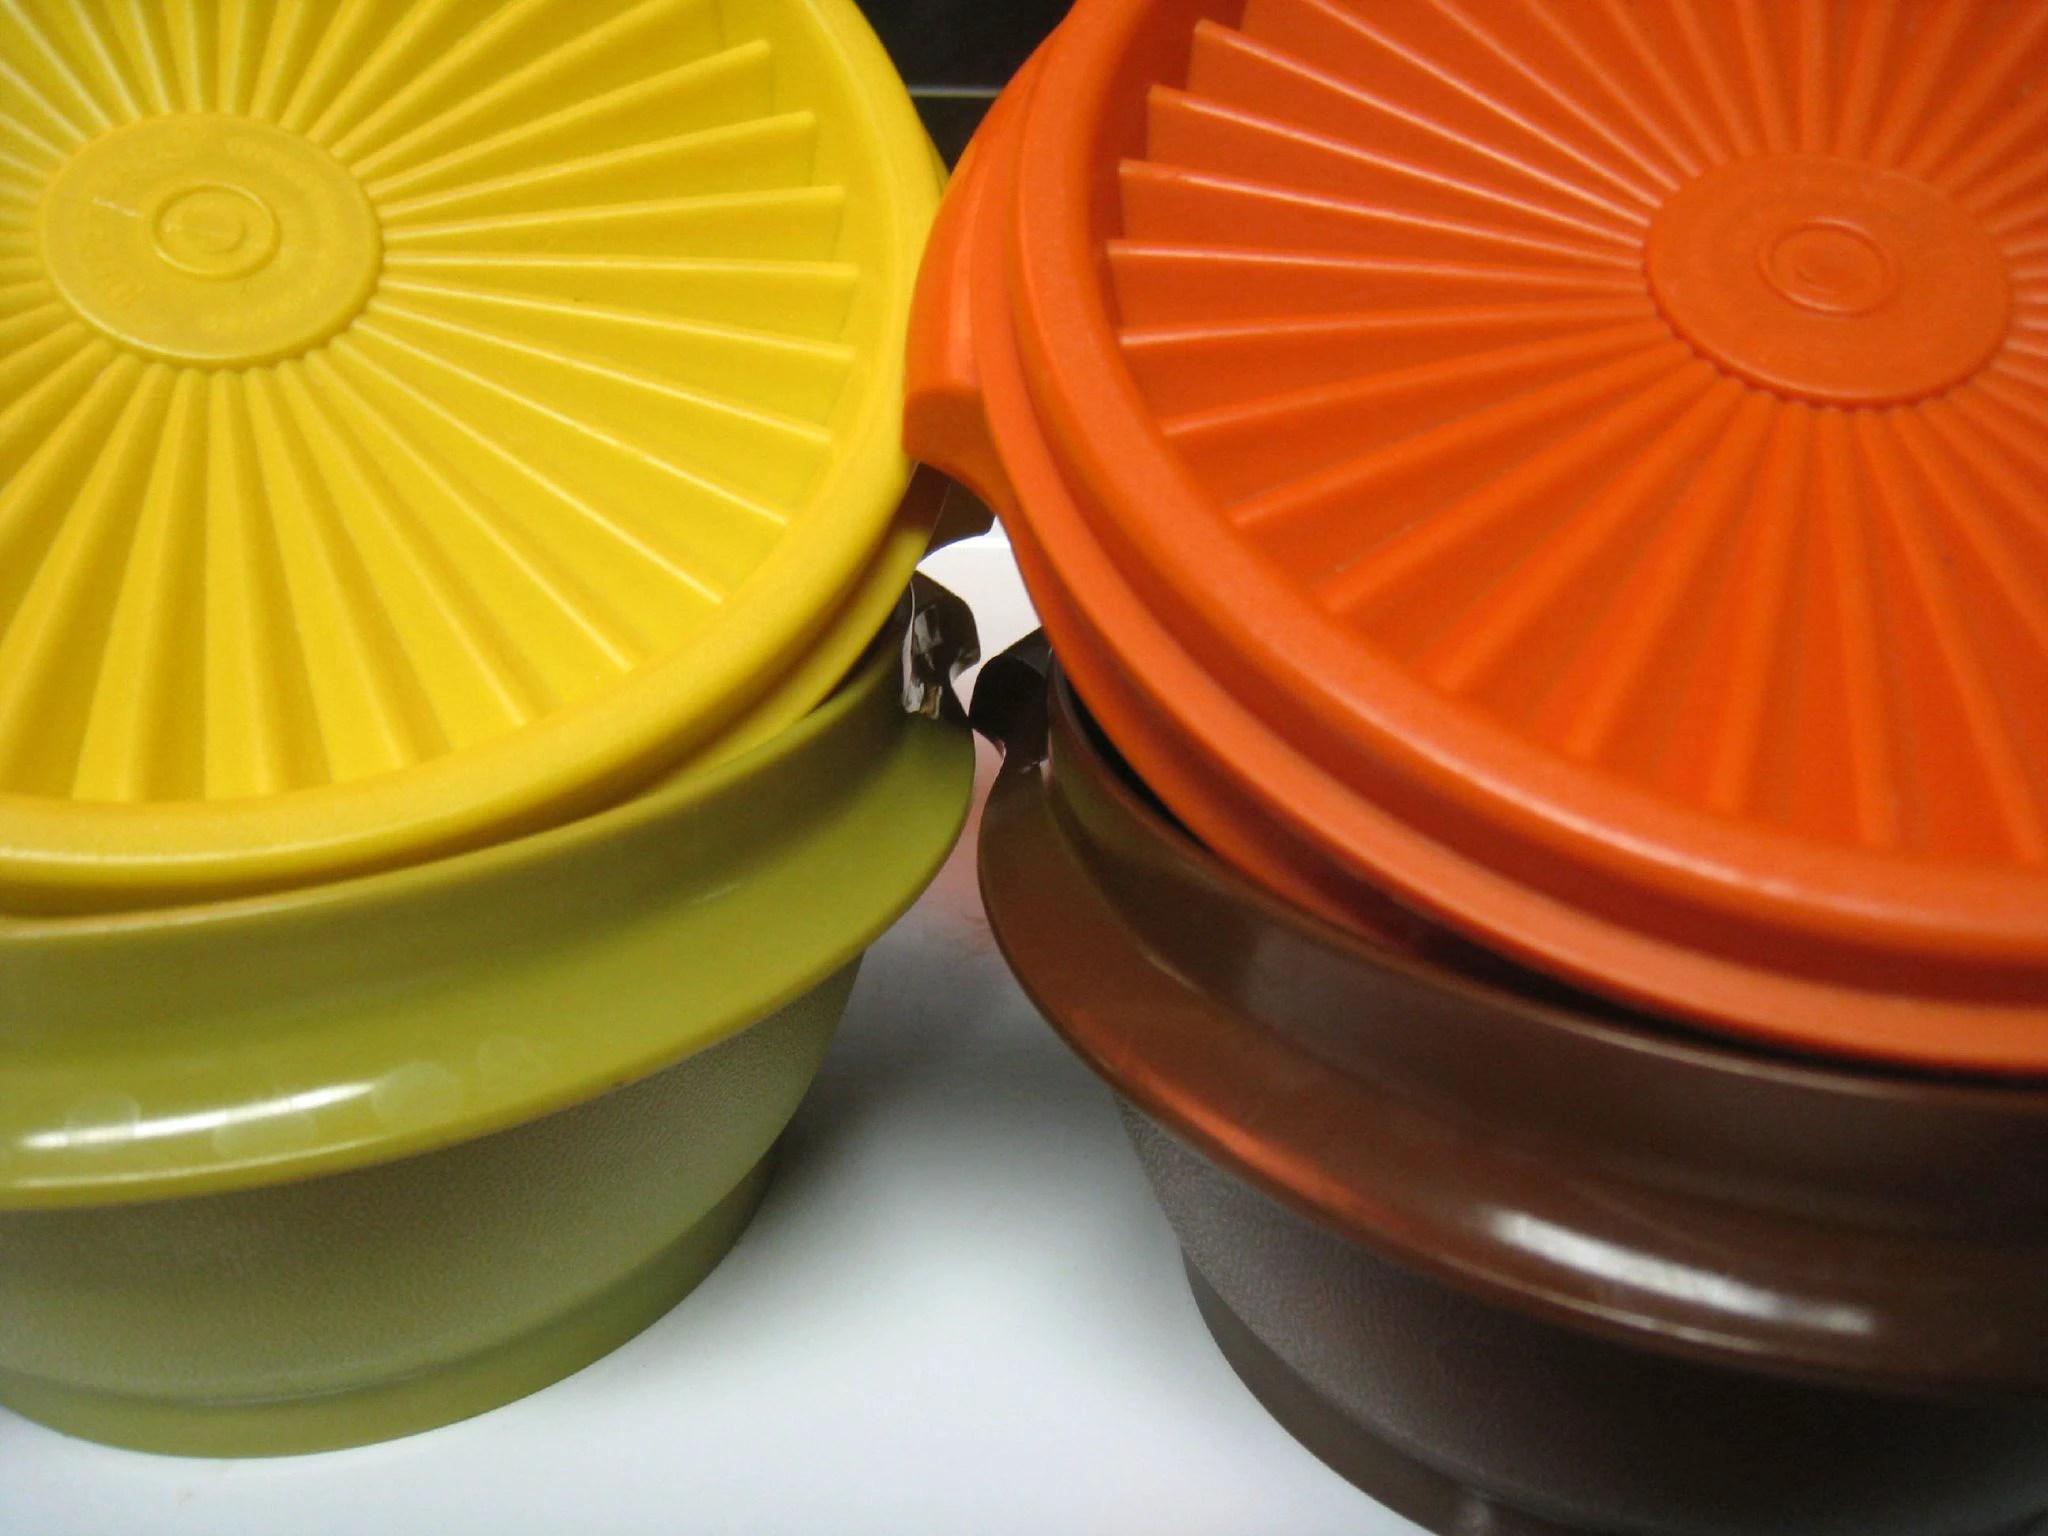 Mensagem afirma que embalagens plásticas podem liberar compostos tóxicos